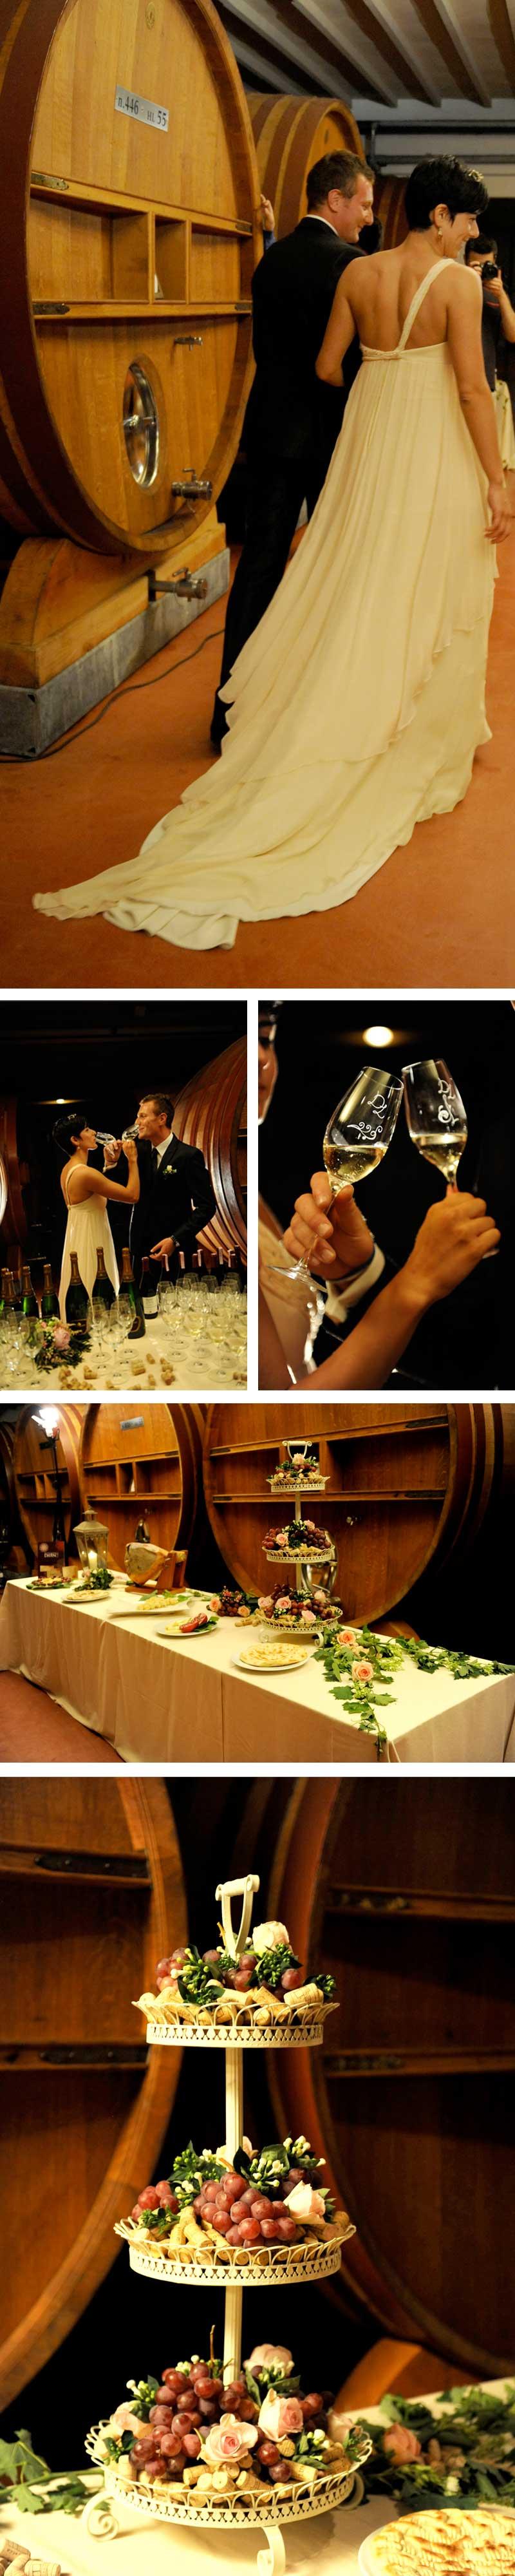 Matrimonio Country Tema Vino: Aperitivo con degustazione vini